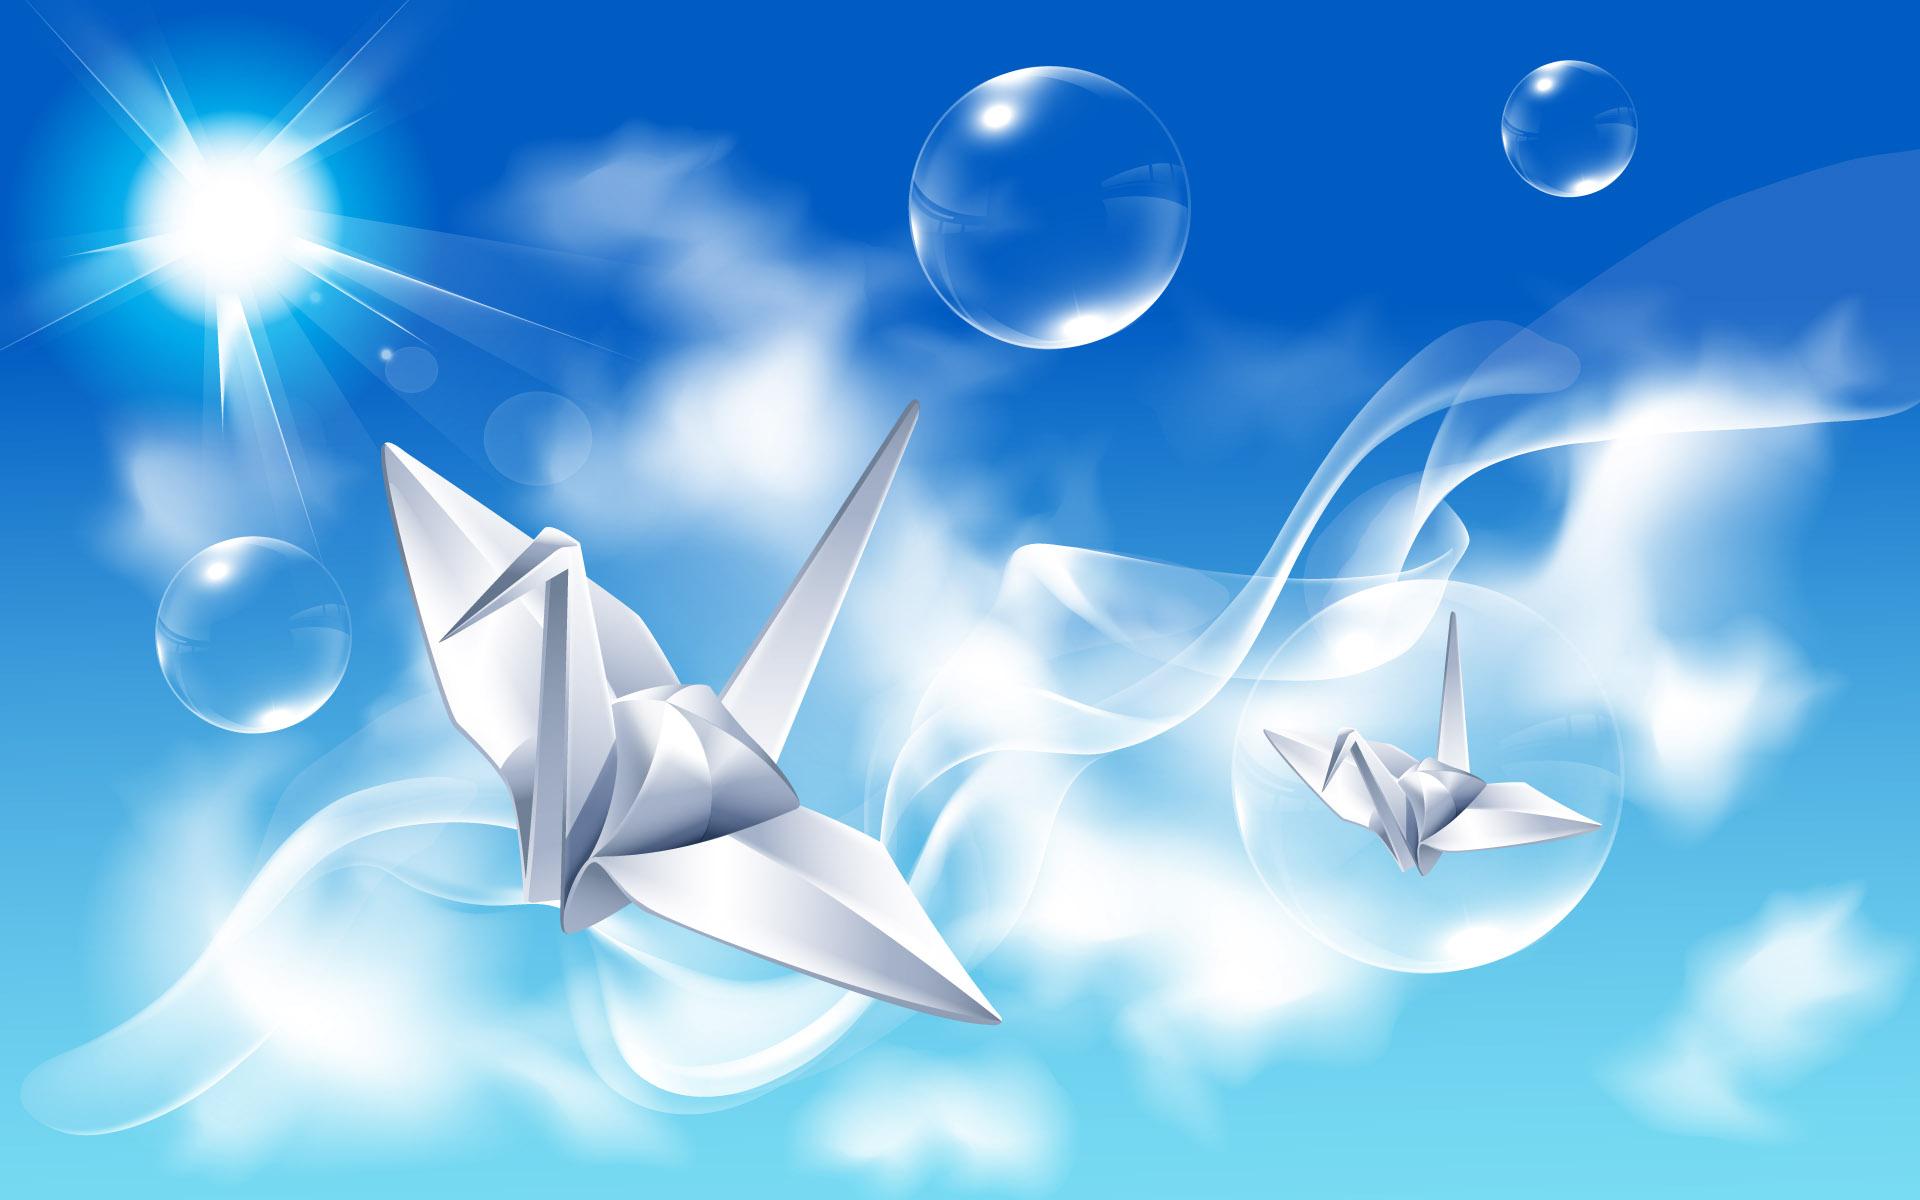 бумажные журавли, фото, скачать обои для рабочего стола, небо и облака